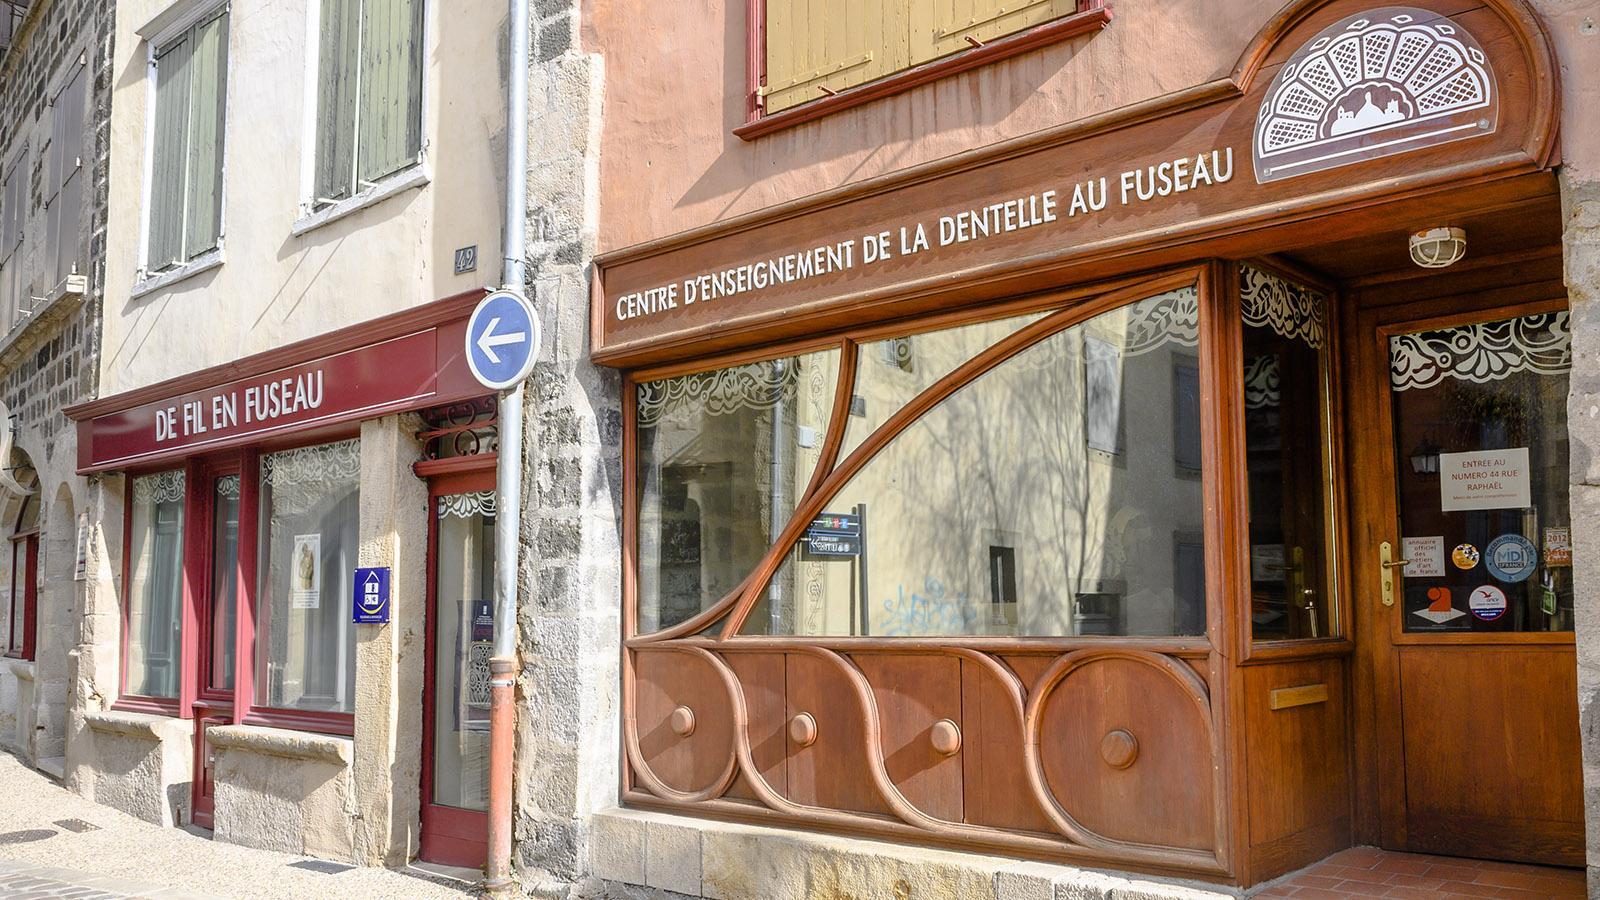 Le Puy-en-Velay: Die Schule der Spitzenklöpperinnen. Foto: Hilke Maunder